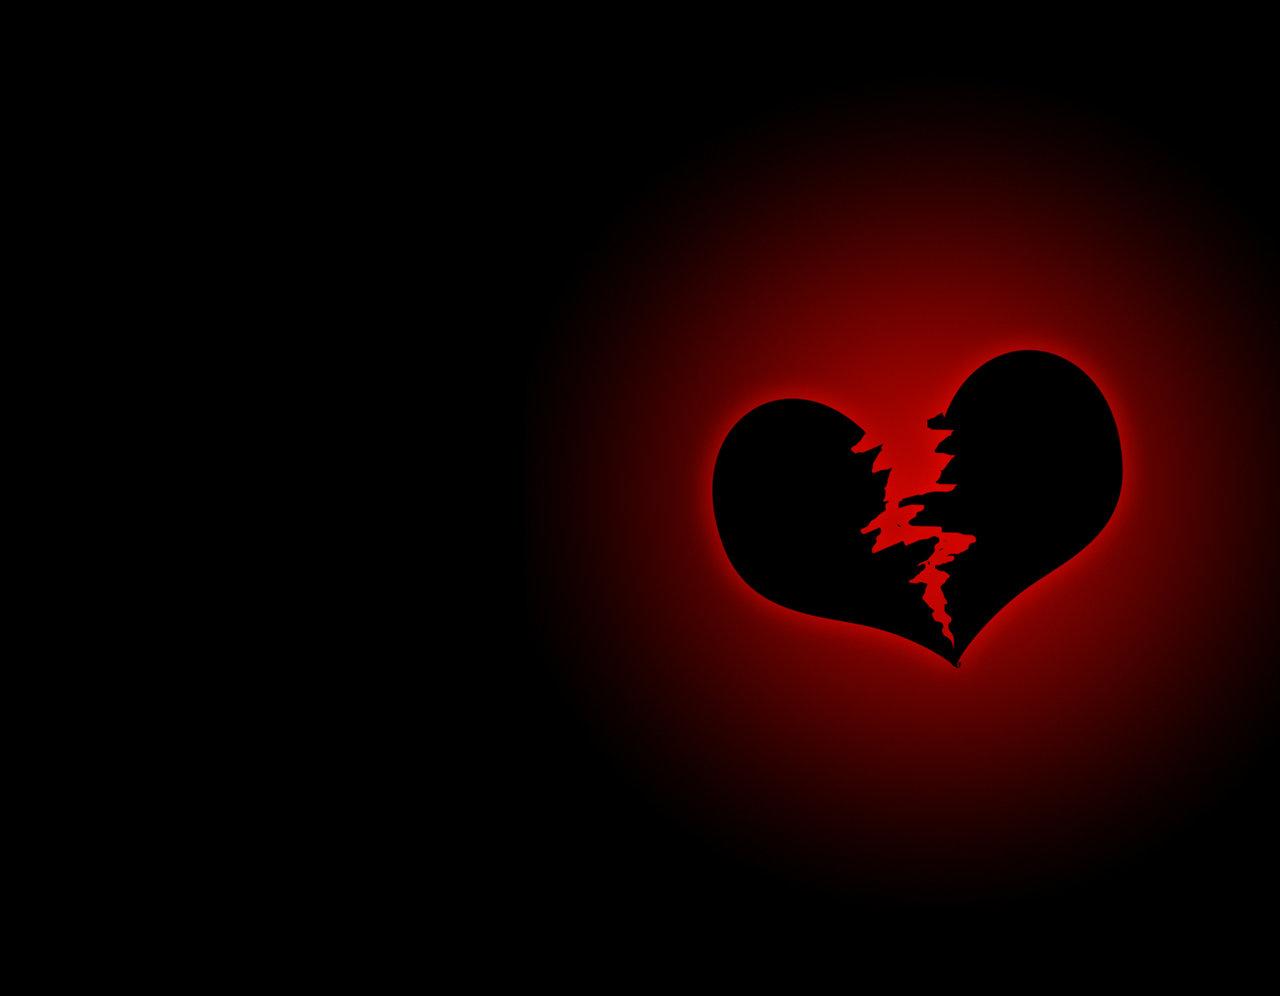 Heart Broken Wallpapers Wallpaper 1280x996